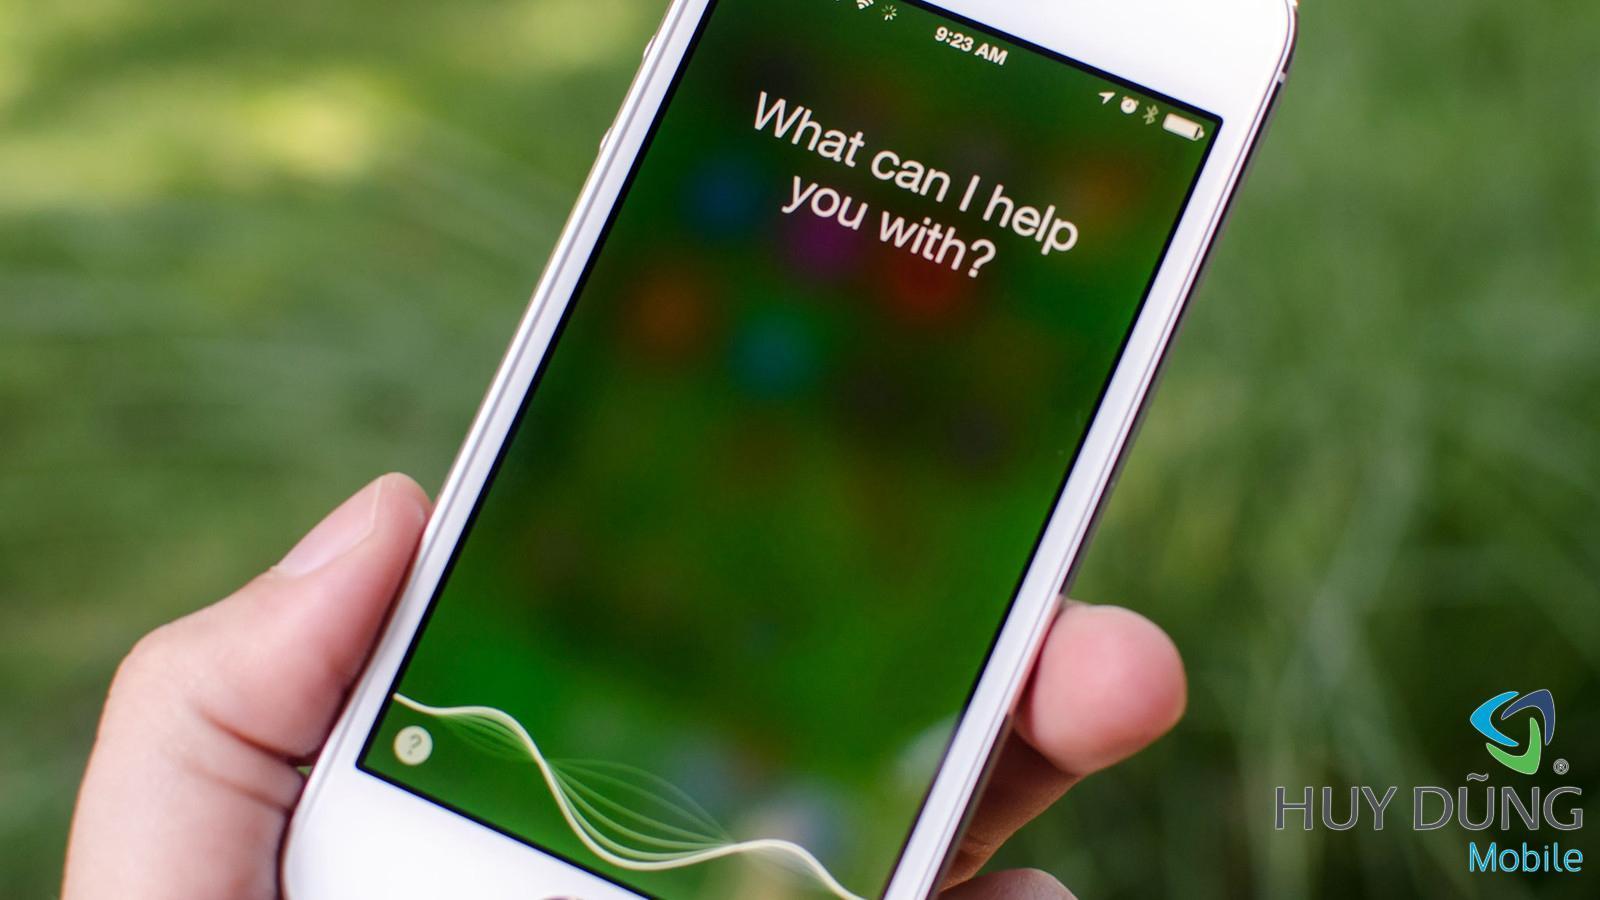 Chức năng tuyệt hay trên iPhone 6